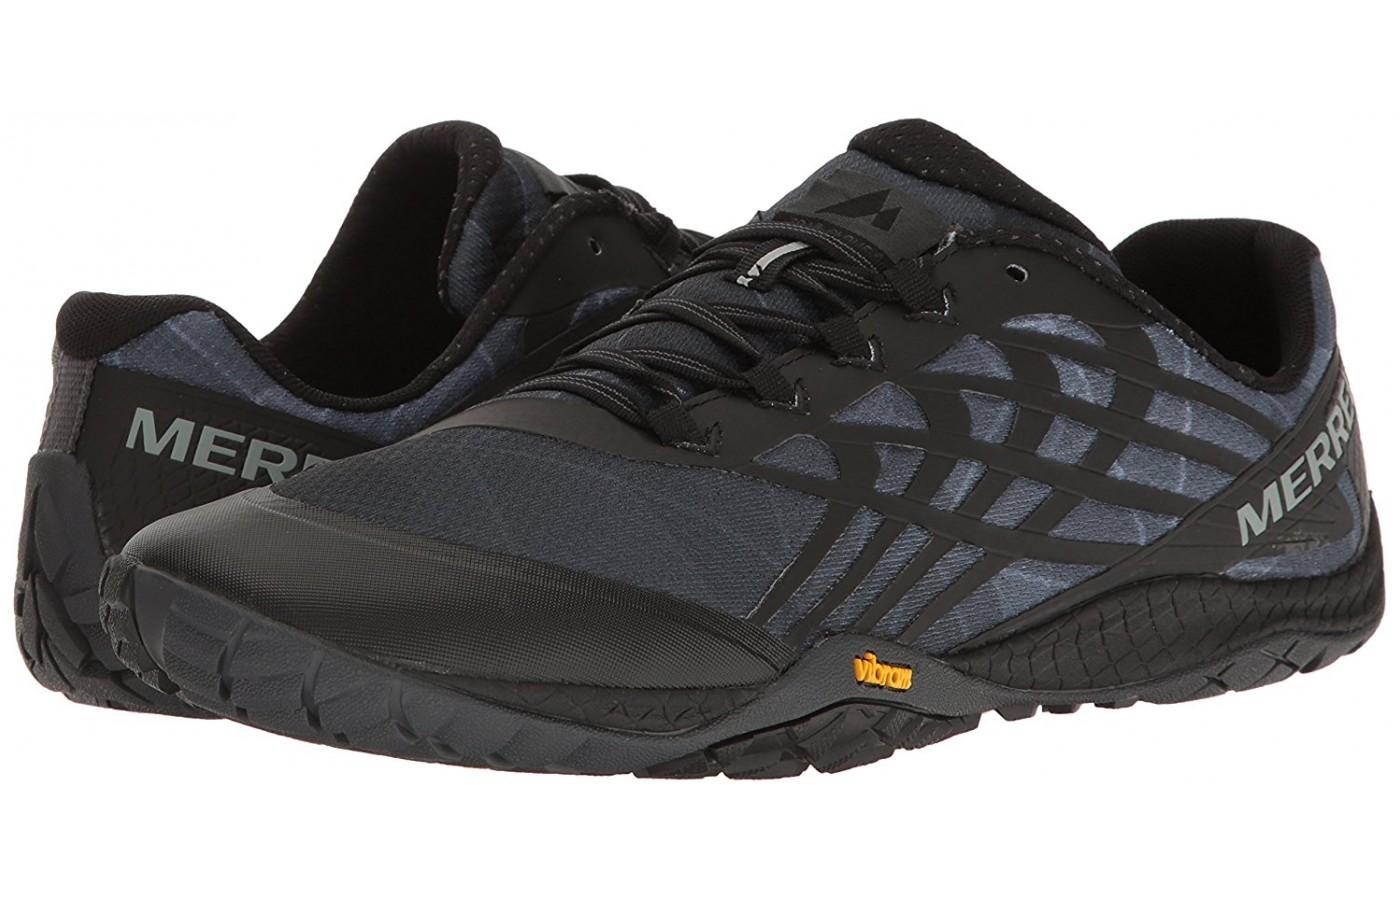 Merrell Trail Glove 4 pair